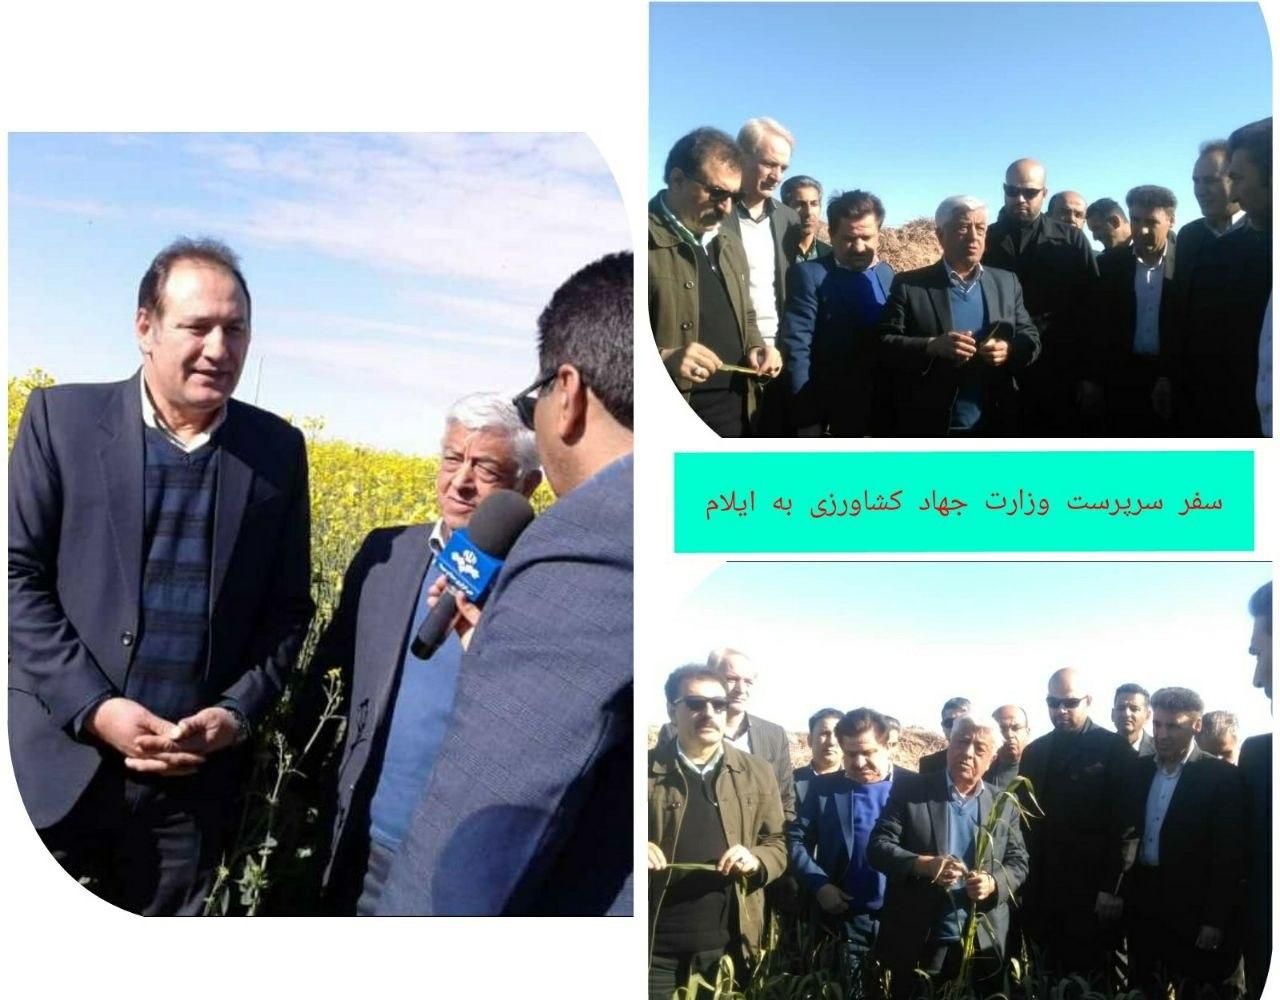 ? بازدید سرپرست وزارت جهاد کشاورزی از مزارع کشاورزی شهرستان دهلران در استان ایلام